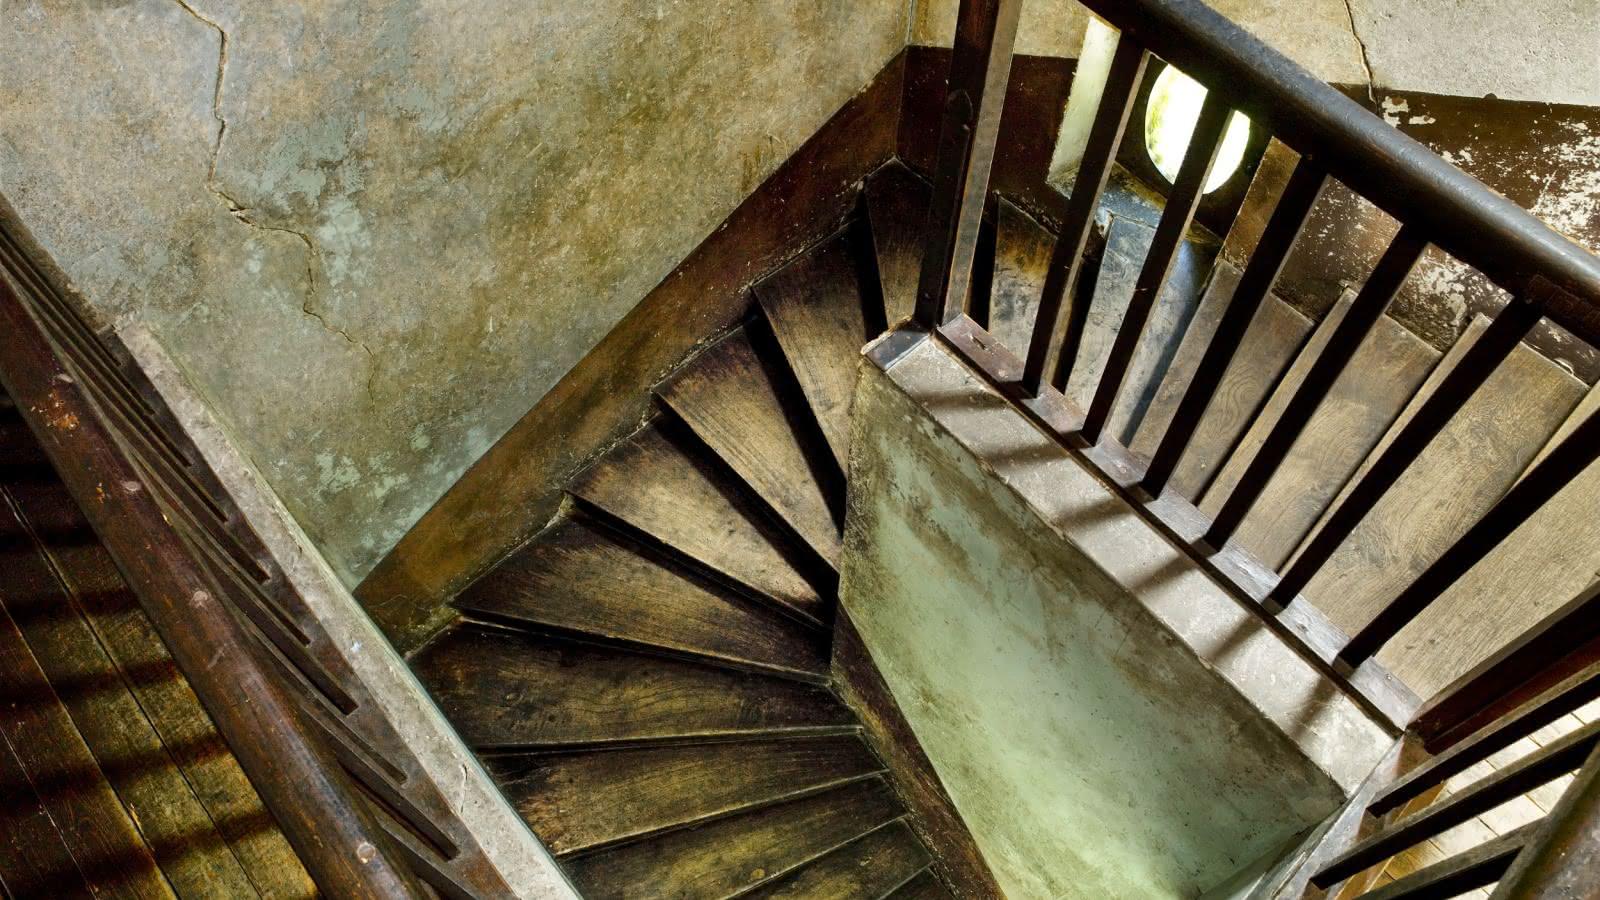 Photo avec vue plongeante sur les escaliers menant à la chambre encore dans son état intacte de Van Gogh dans l'auberge Ravoux à Auvers-sur-Oise